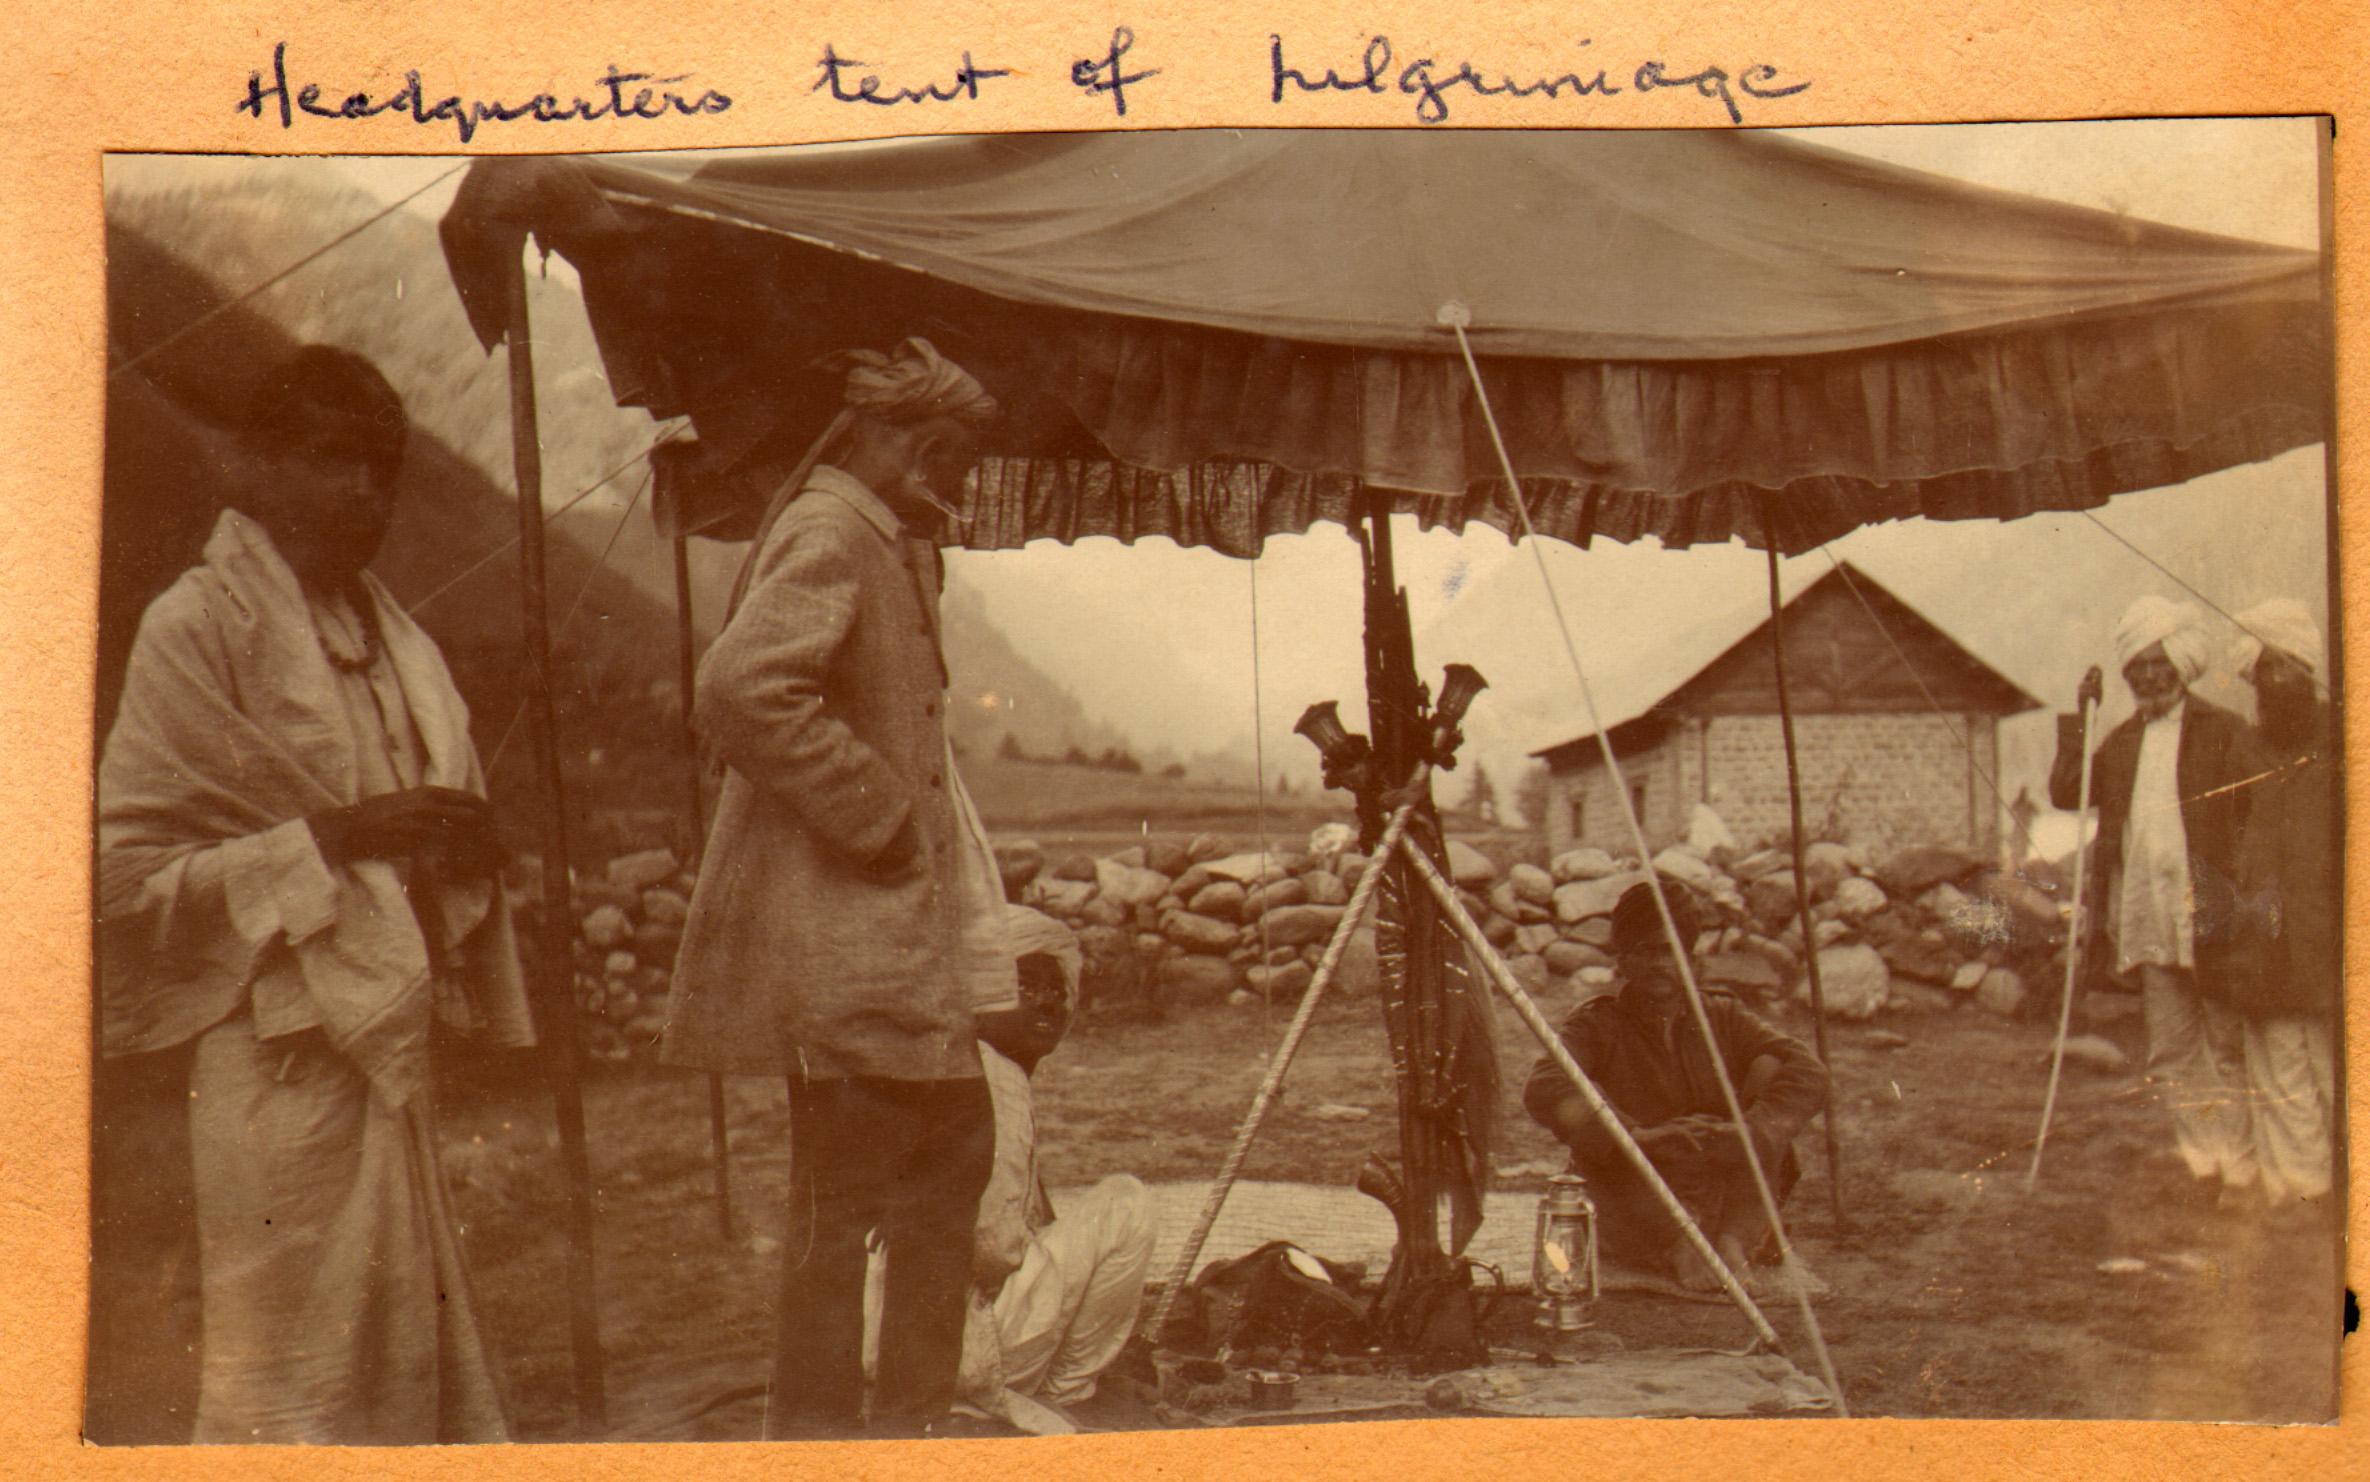 166 1920 Headquarters tent of Amarnath pilgrimage, Pahlgam, Kashmir by Ralph Stewart